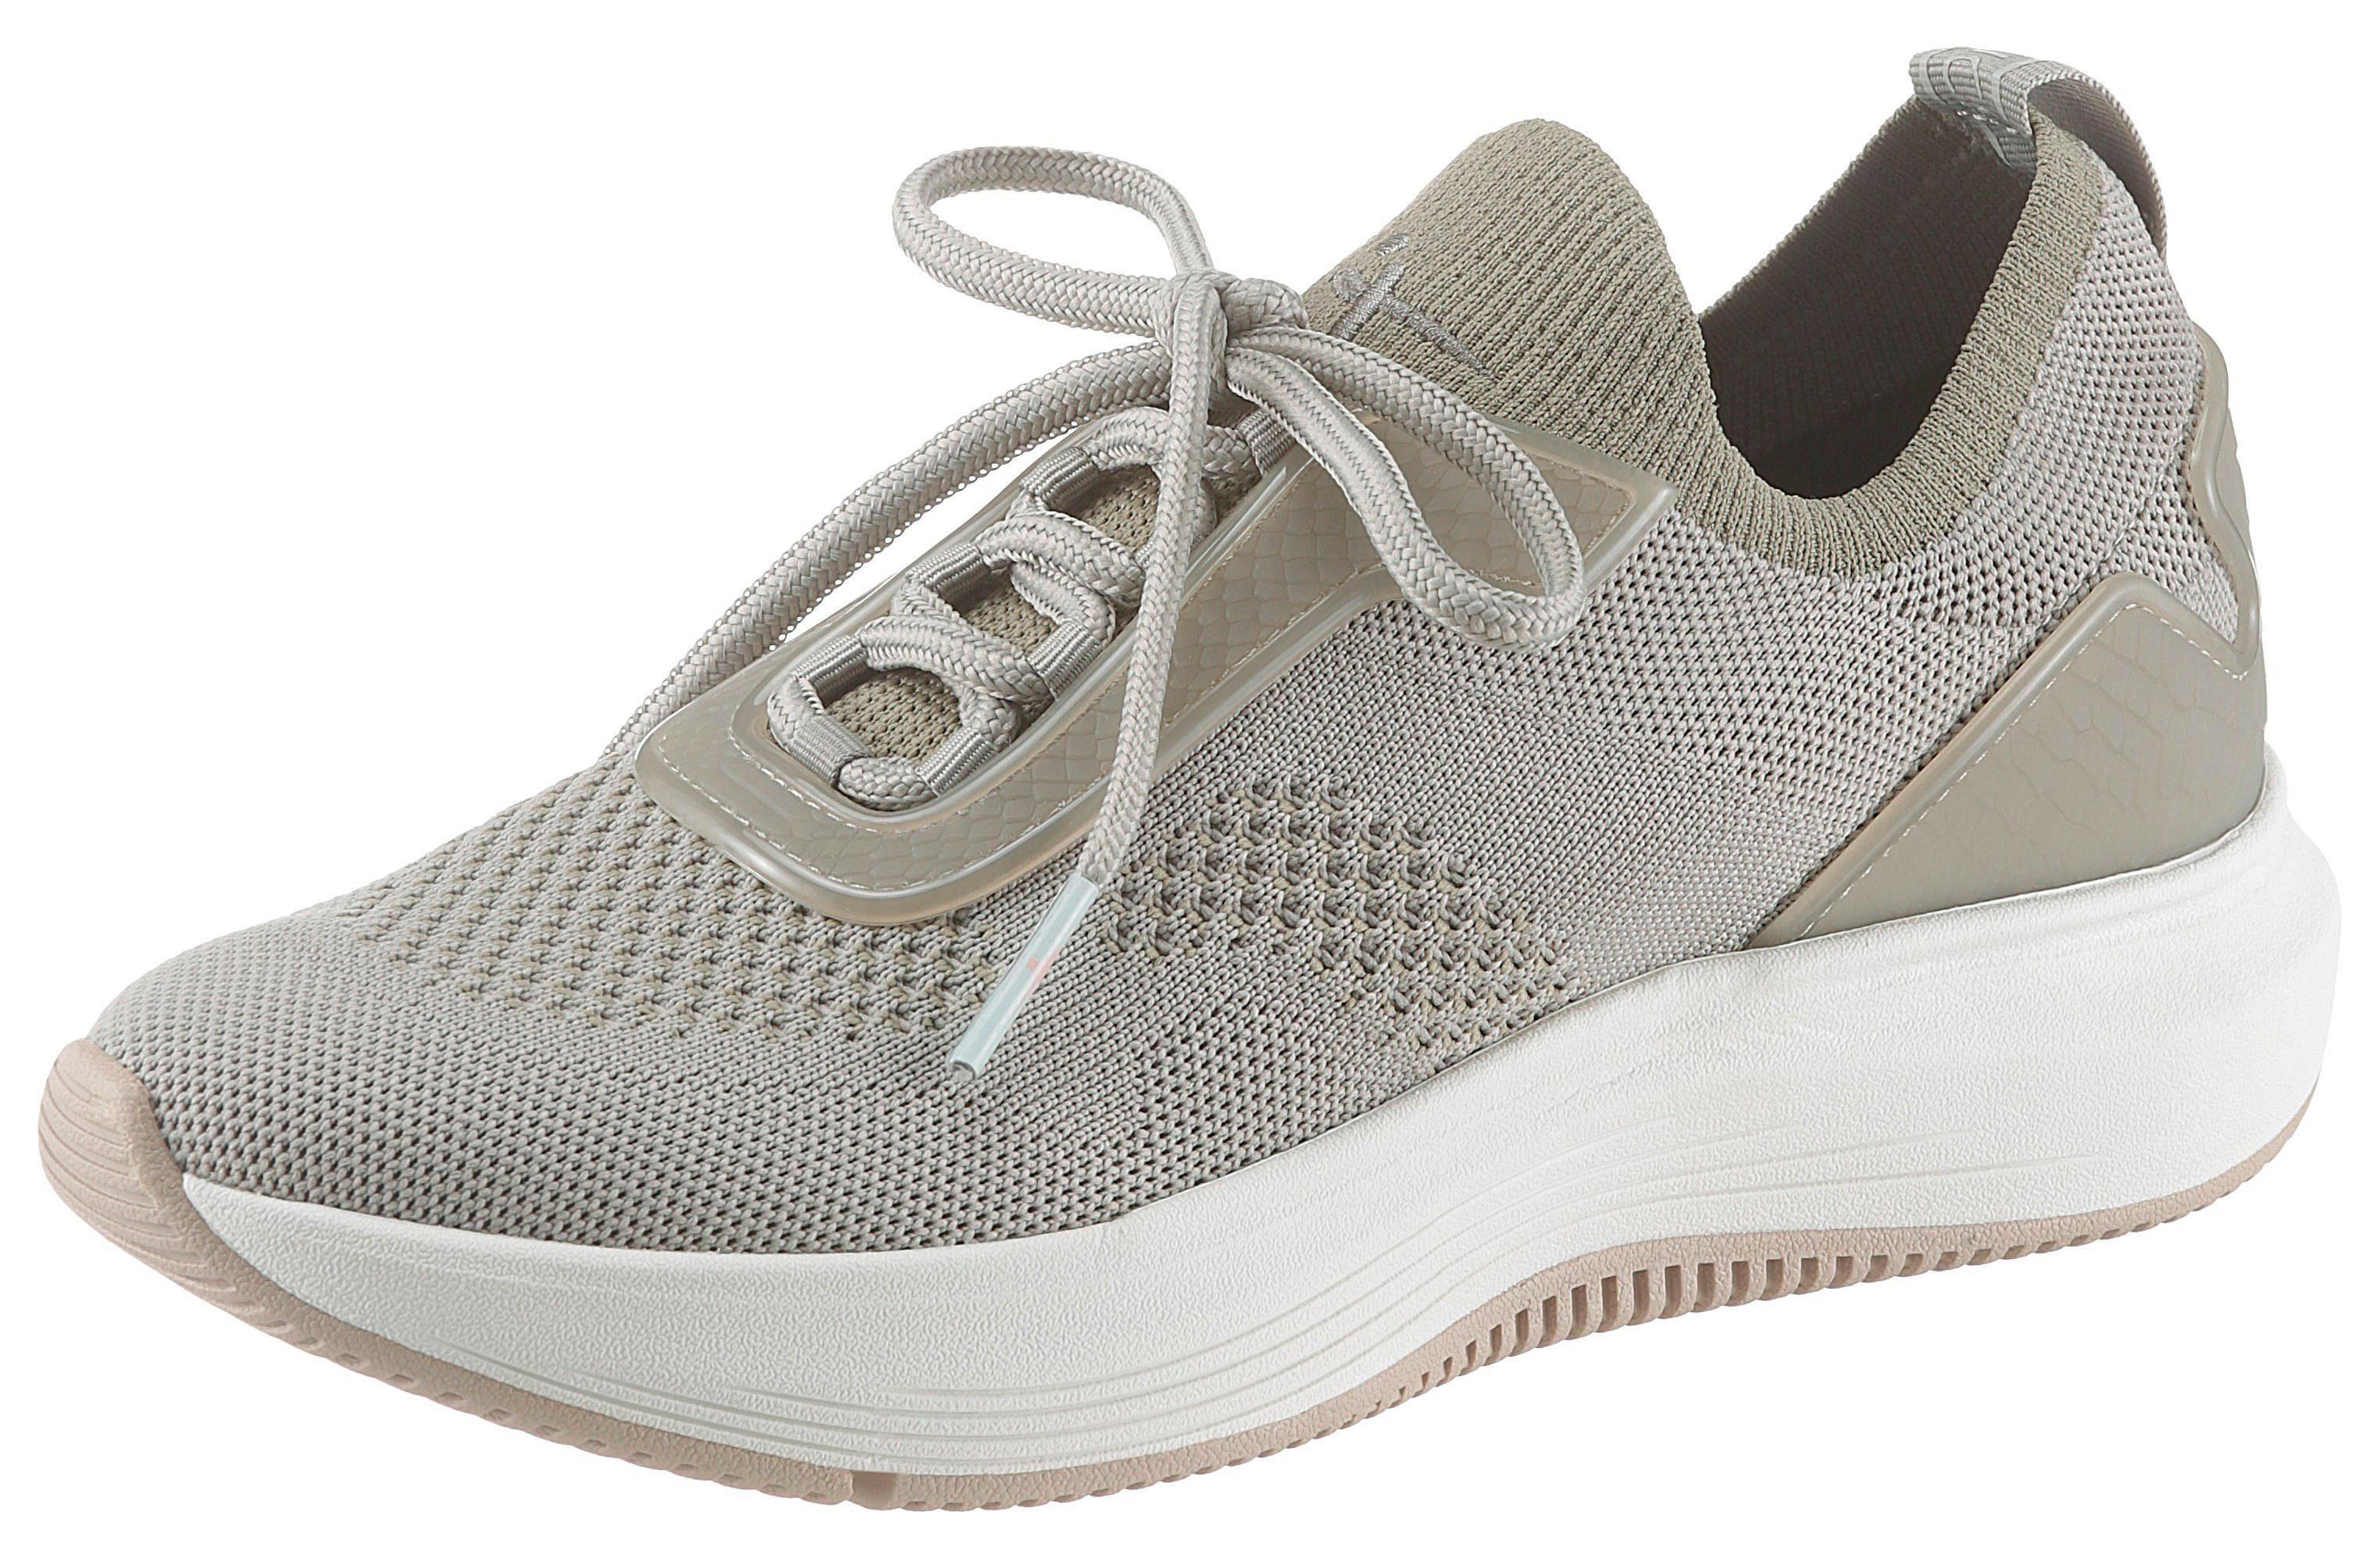 Tamaris »Fashletics« Slip On Sneaker mit sockenähnlichen Schaft online kaufen | OTTO